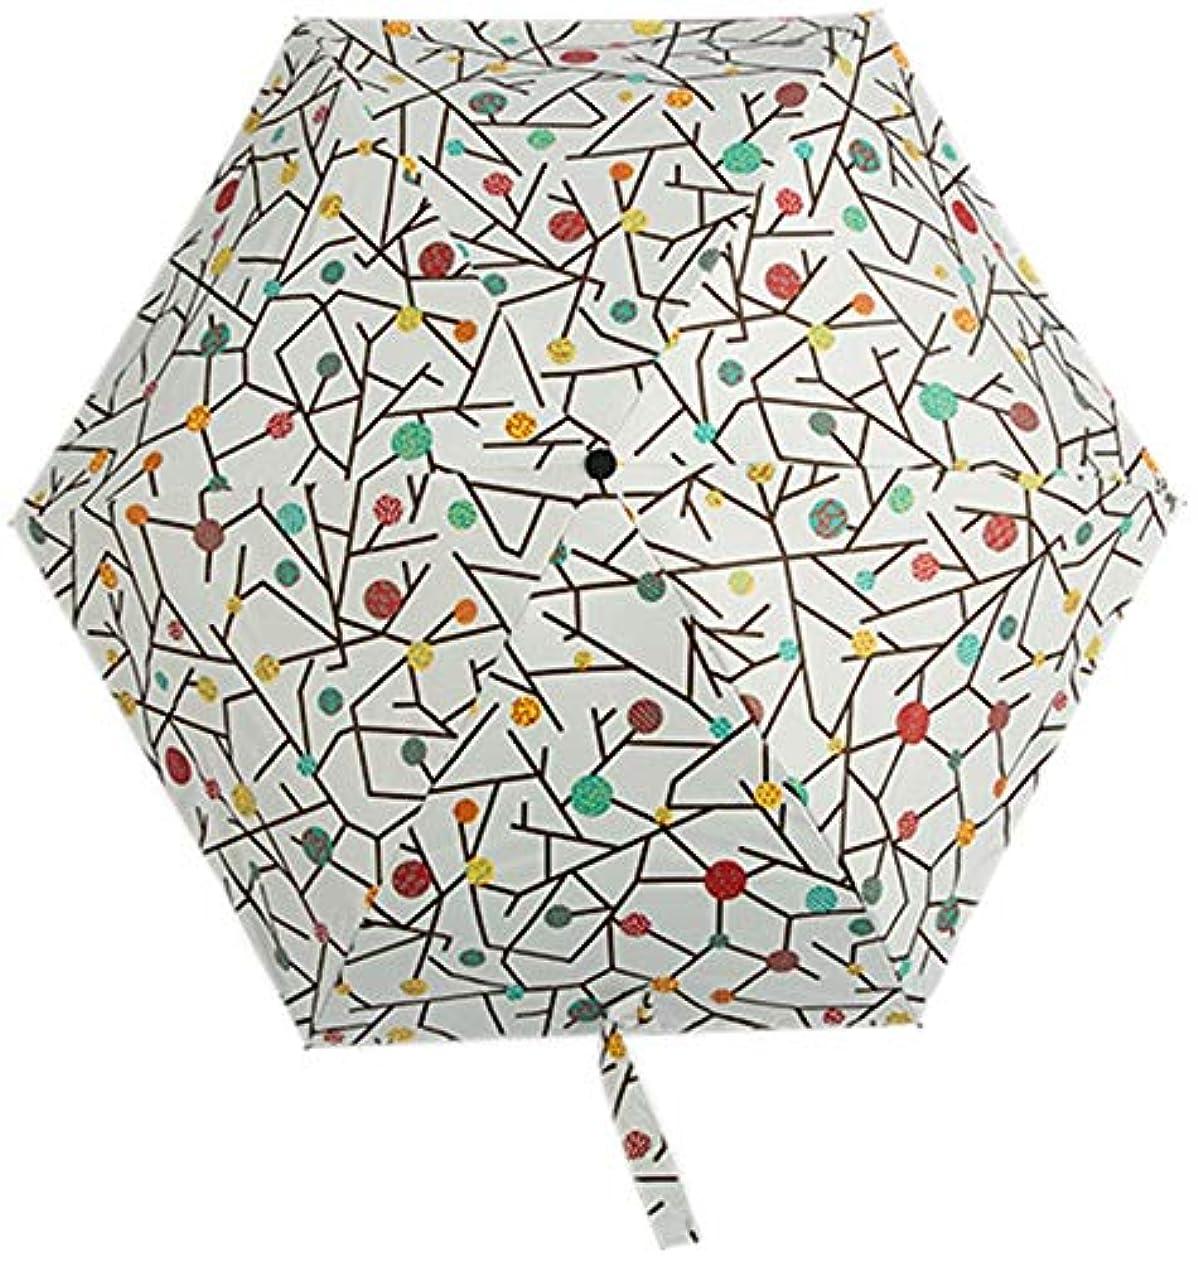 ページェント丘遠征【SOYURIKO 】即日発送 超軽量(190g) 折り畳み傘 soyuriko 折り畳み傘 ランドセルの中 小学生 中学生 カバン 入学 祝い